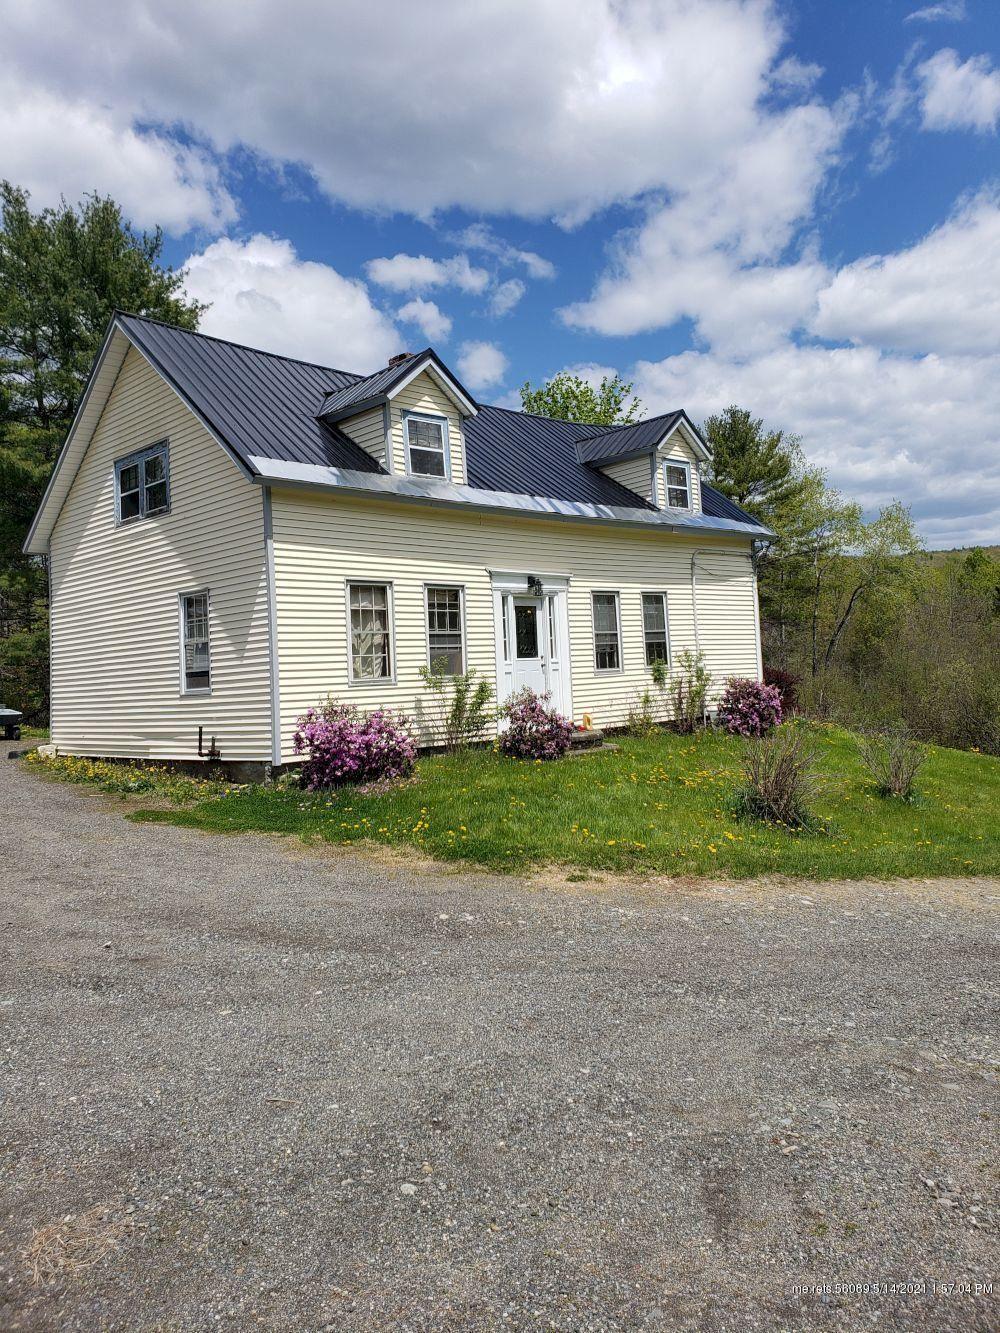 Photo of 117 Lambert Road, Skowhegan, ME 04976 (MLS # 1491586)